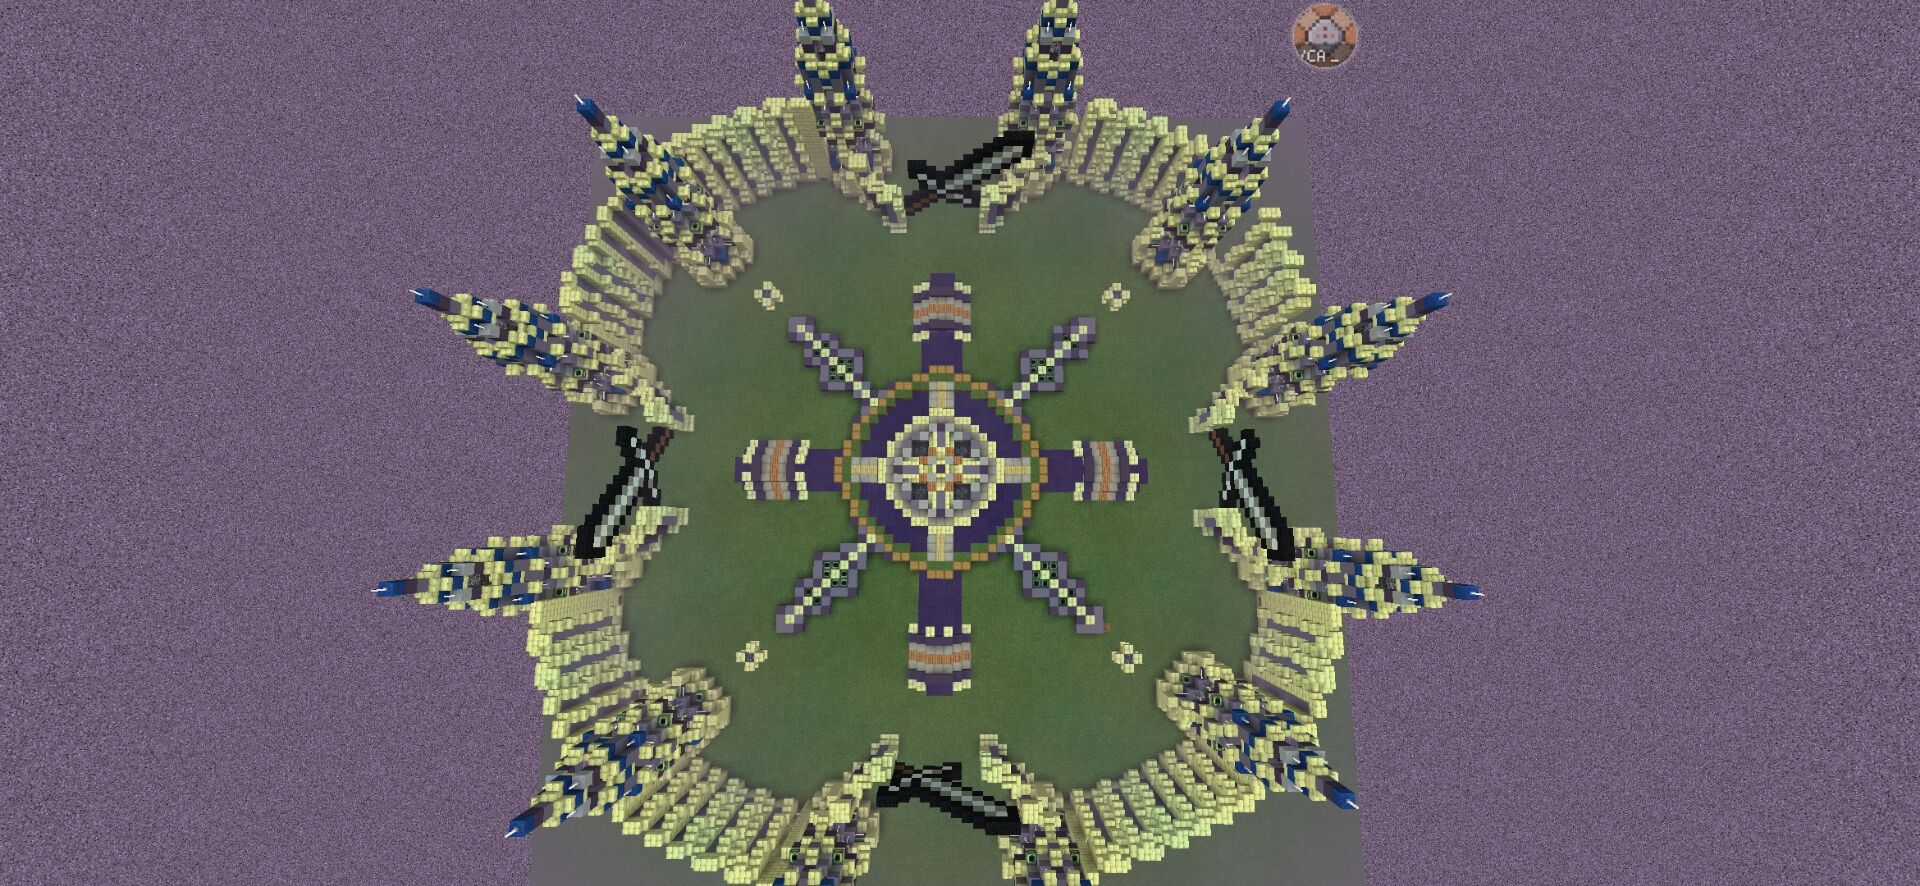 _775696259_Screenshot_2020-11-16-23-41-04-519_com.netease.x19_1605541264000_xg_0.jpg